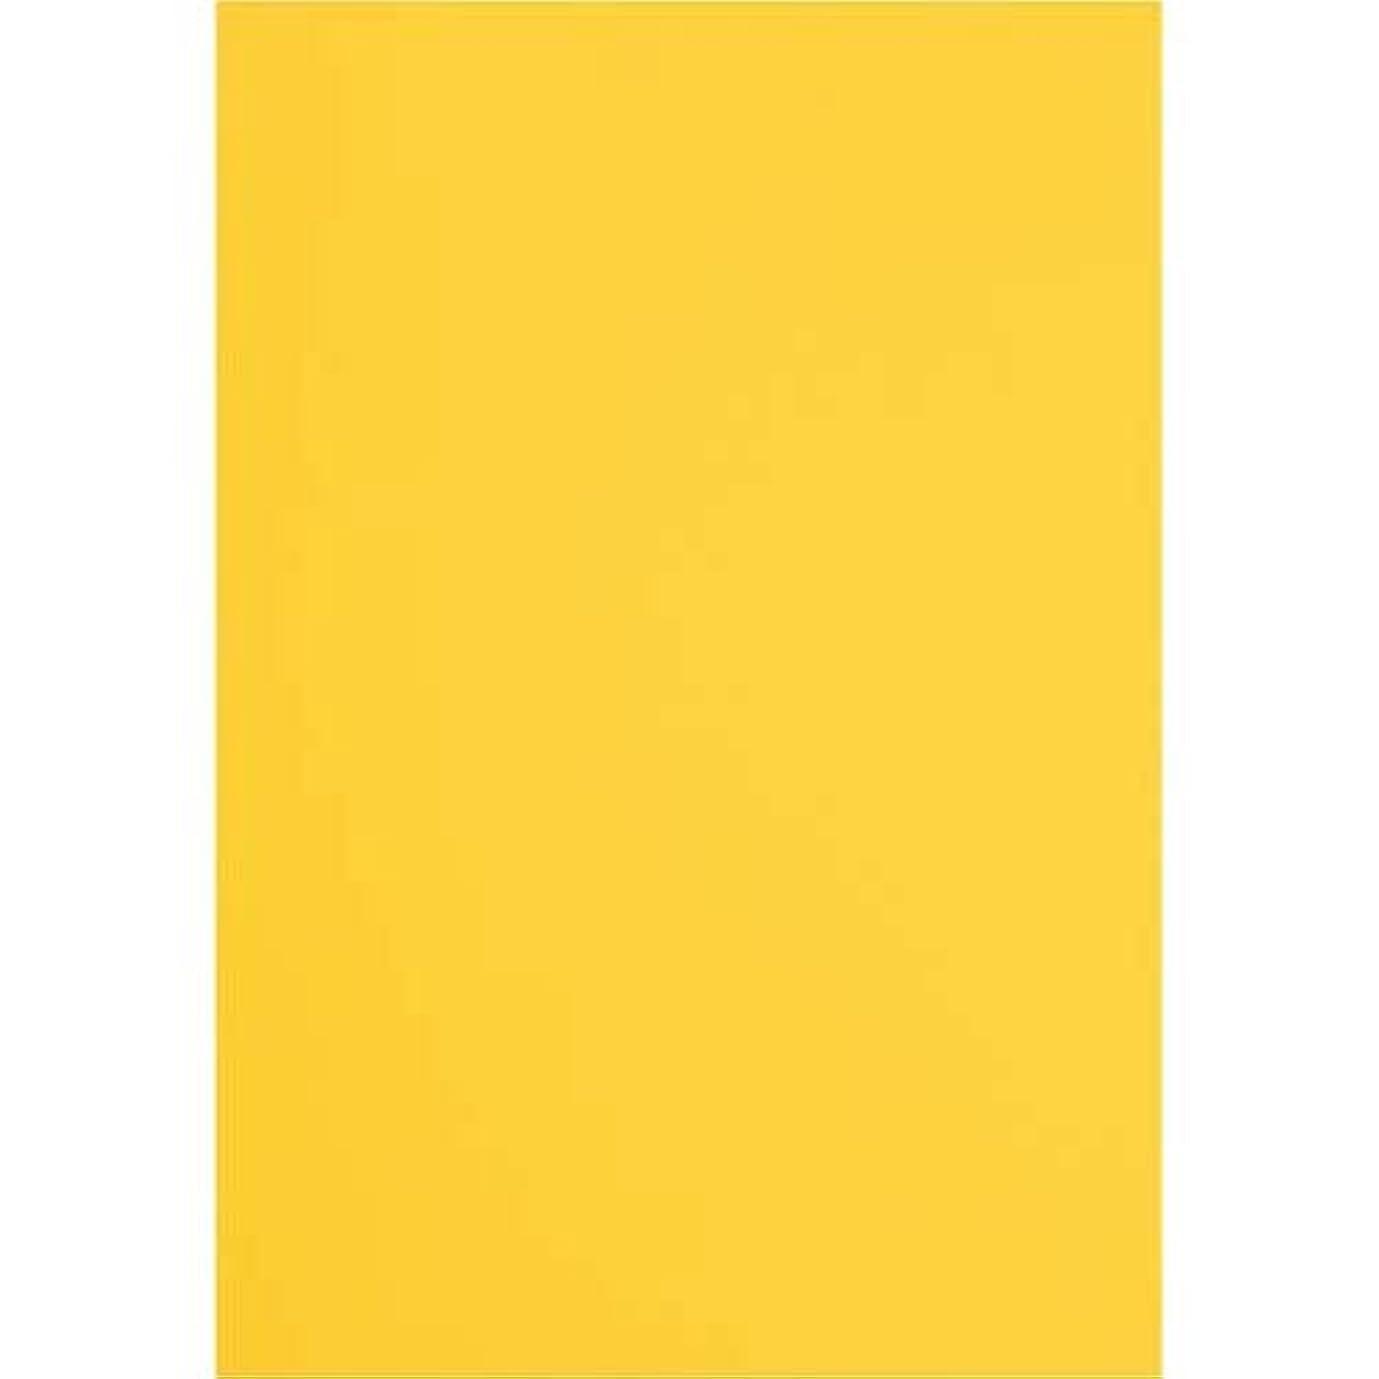 器官振りかける哺乳類カウネット 色画用紙 四つ切 100枚 みかん